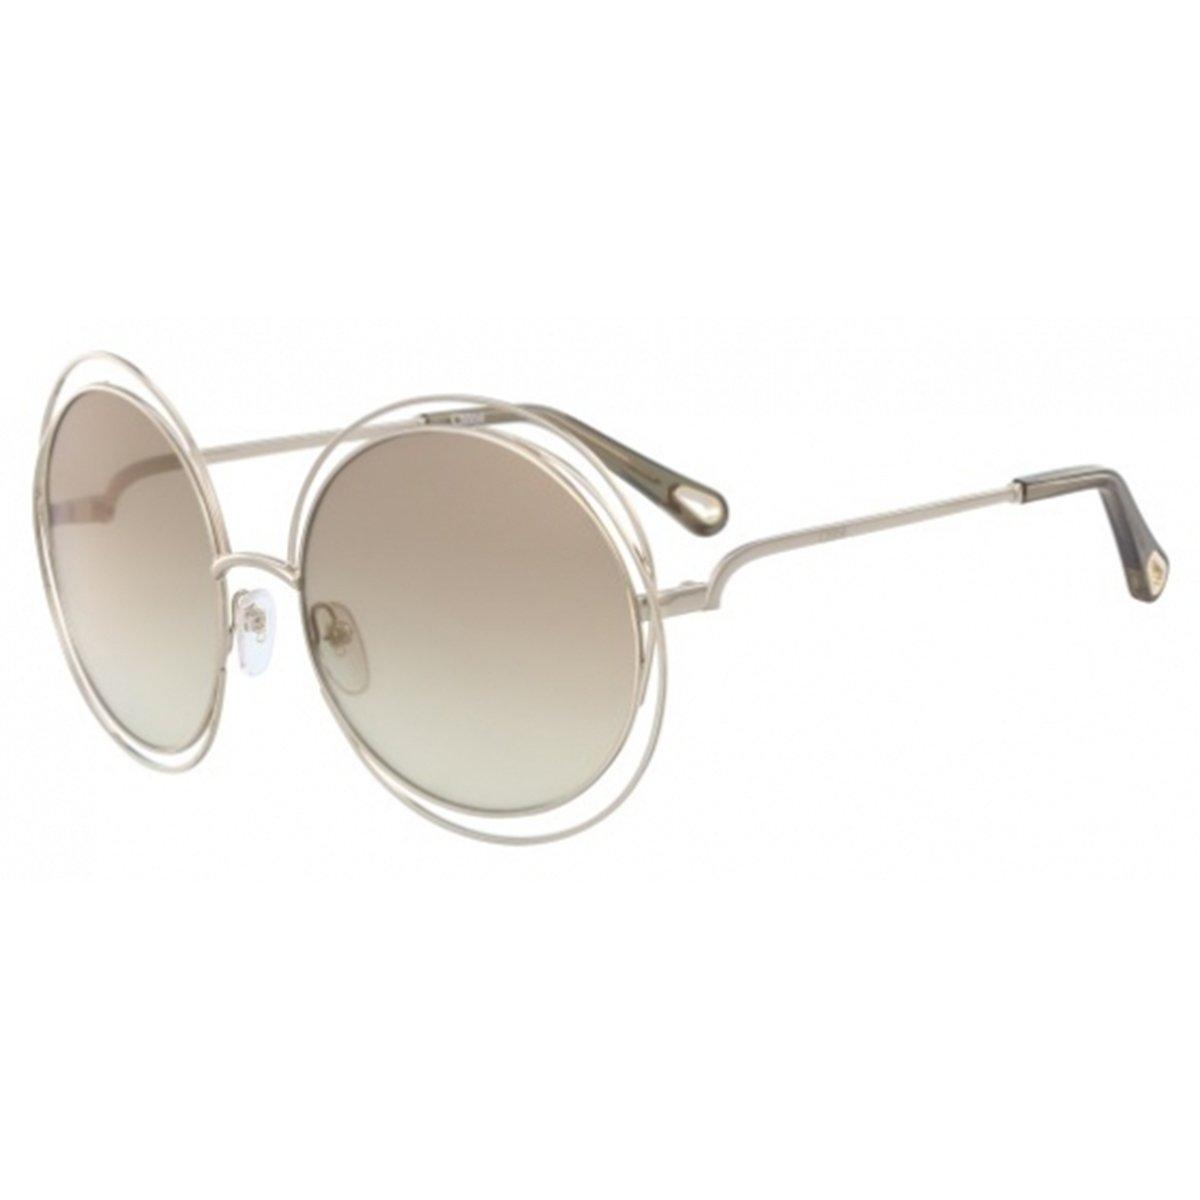 9d7ad5788 Compre Óculos de Sol Chloé em 10X | Tri-Jóia Shop